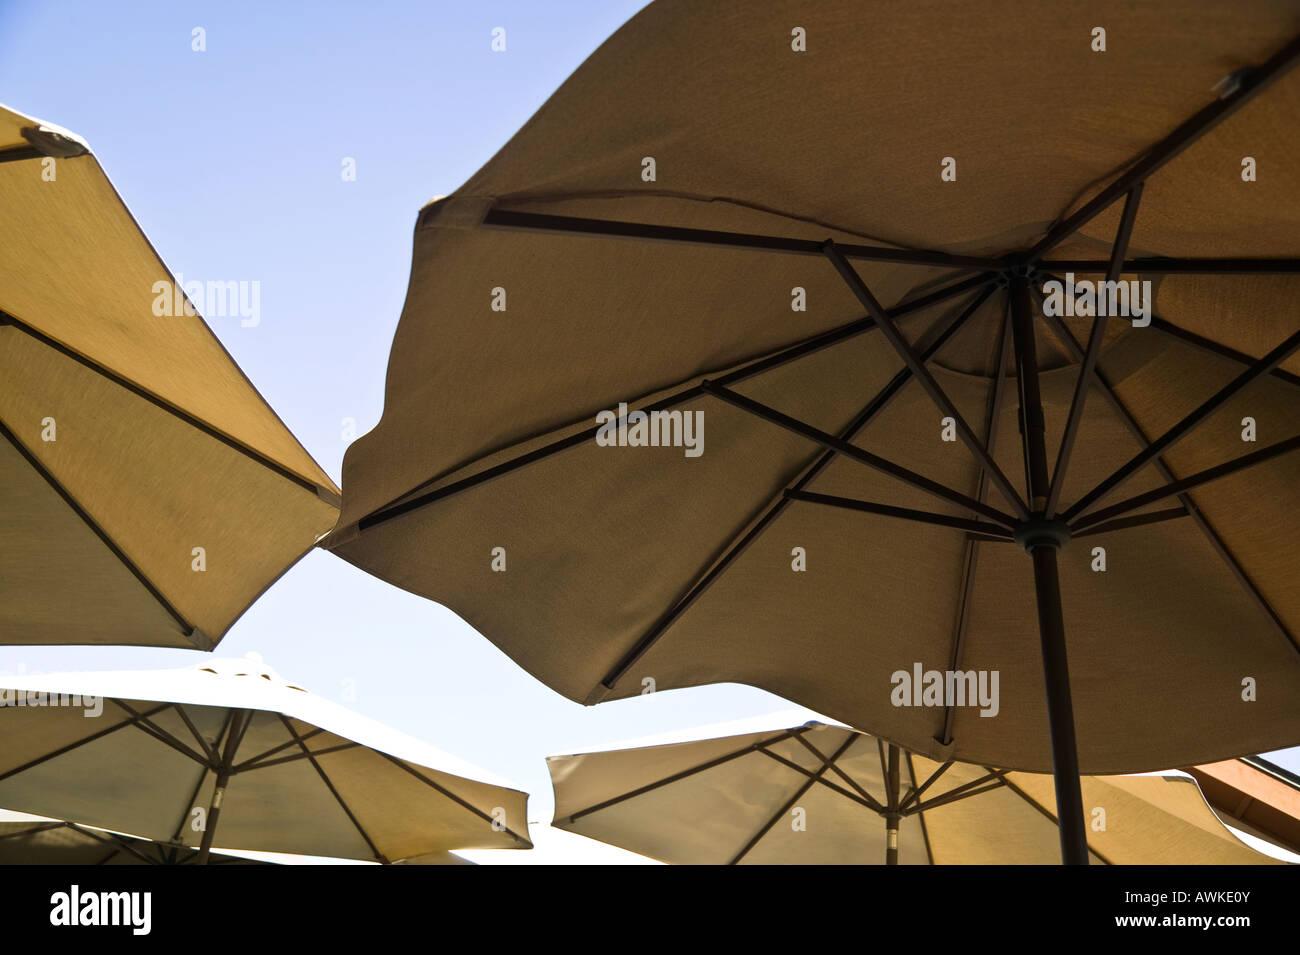 Ordinaire Patio Umbrellas Balboa Park, San Diego, California, USA ...